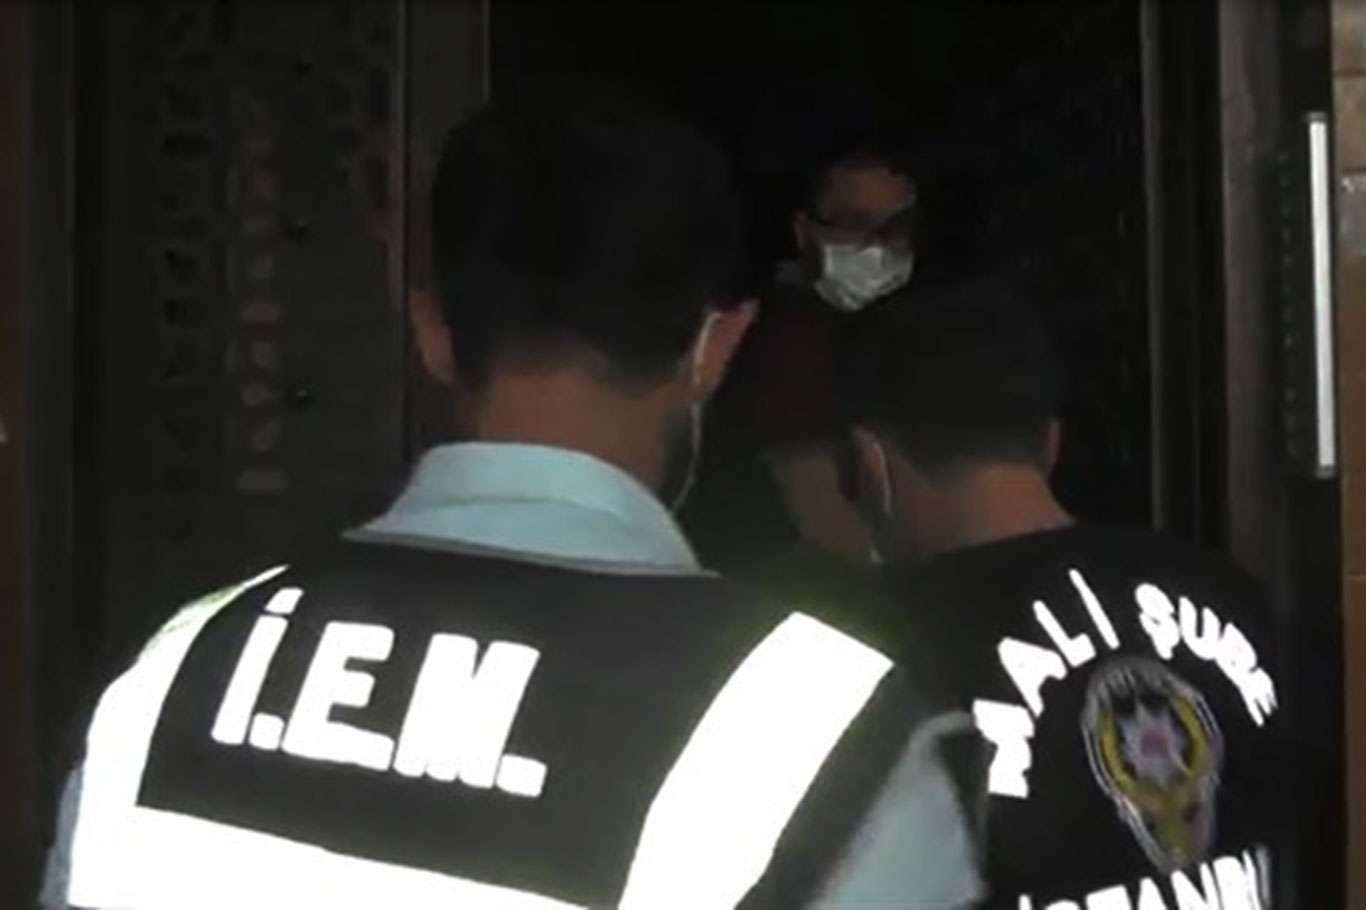 İstanbul'da Kaçak Medikal Cihazı Satan İş Yeri Mühürlendi